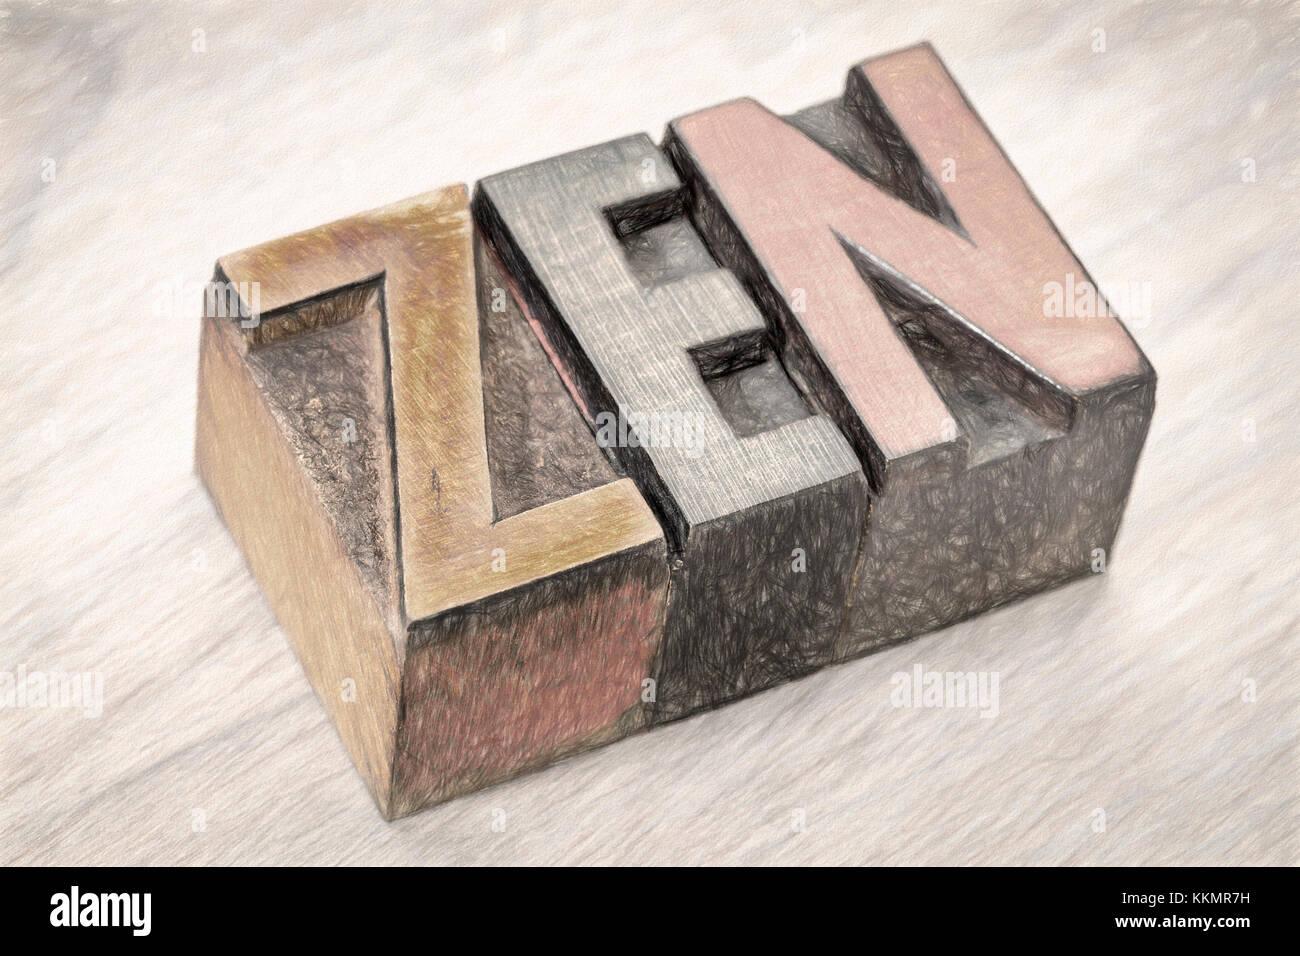 Zen résumé en word typographie vintage wooden blocks filtre à